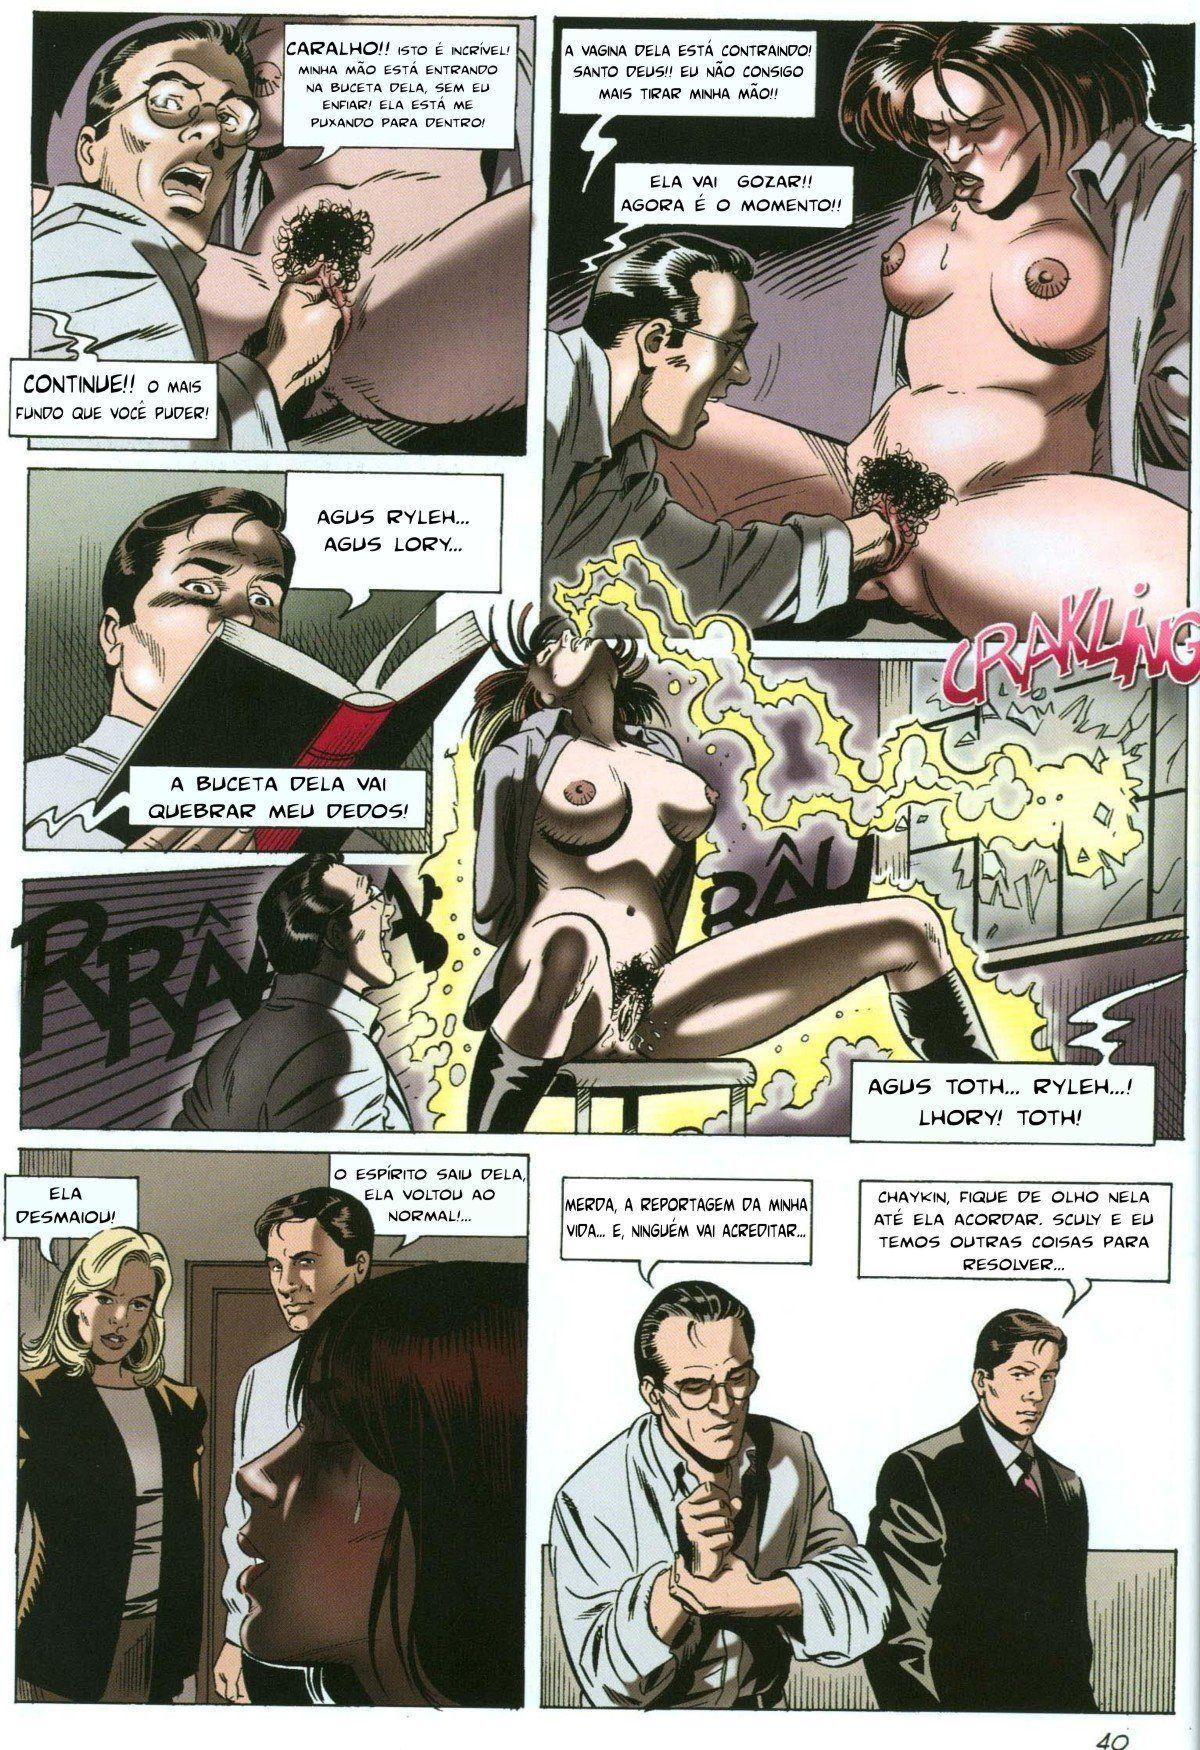 A vingança da ninfomaníaca - Contos Eróticos (41)